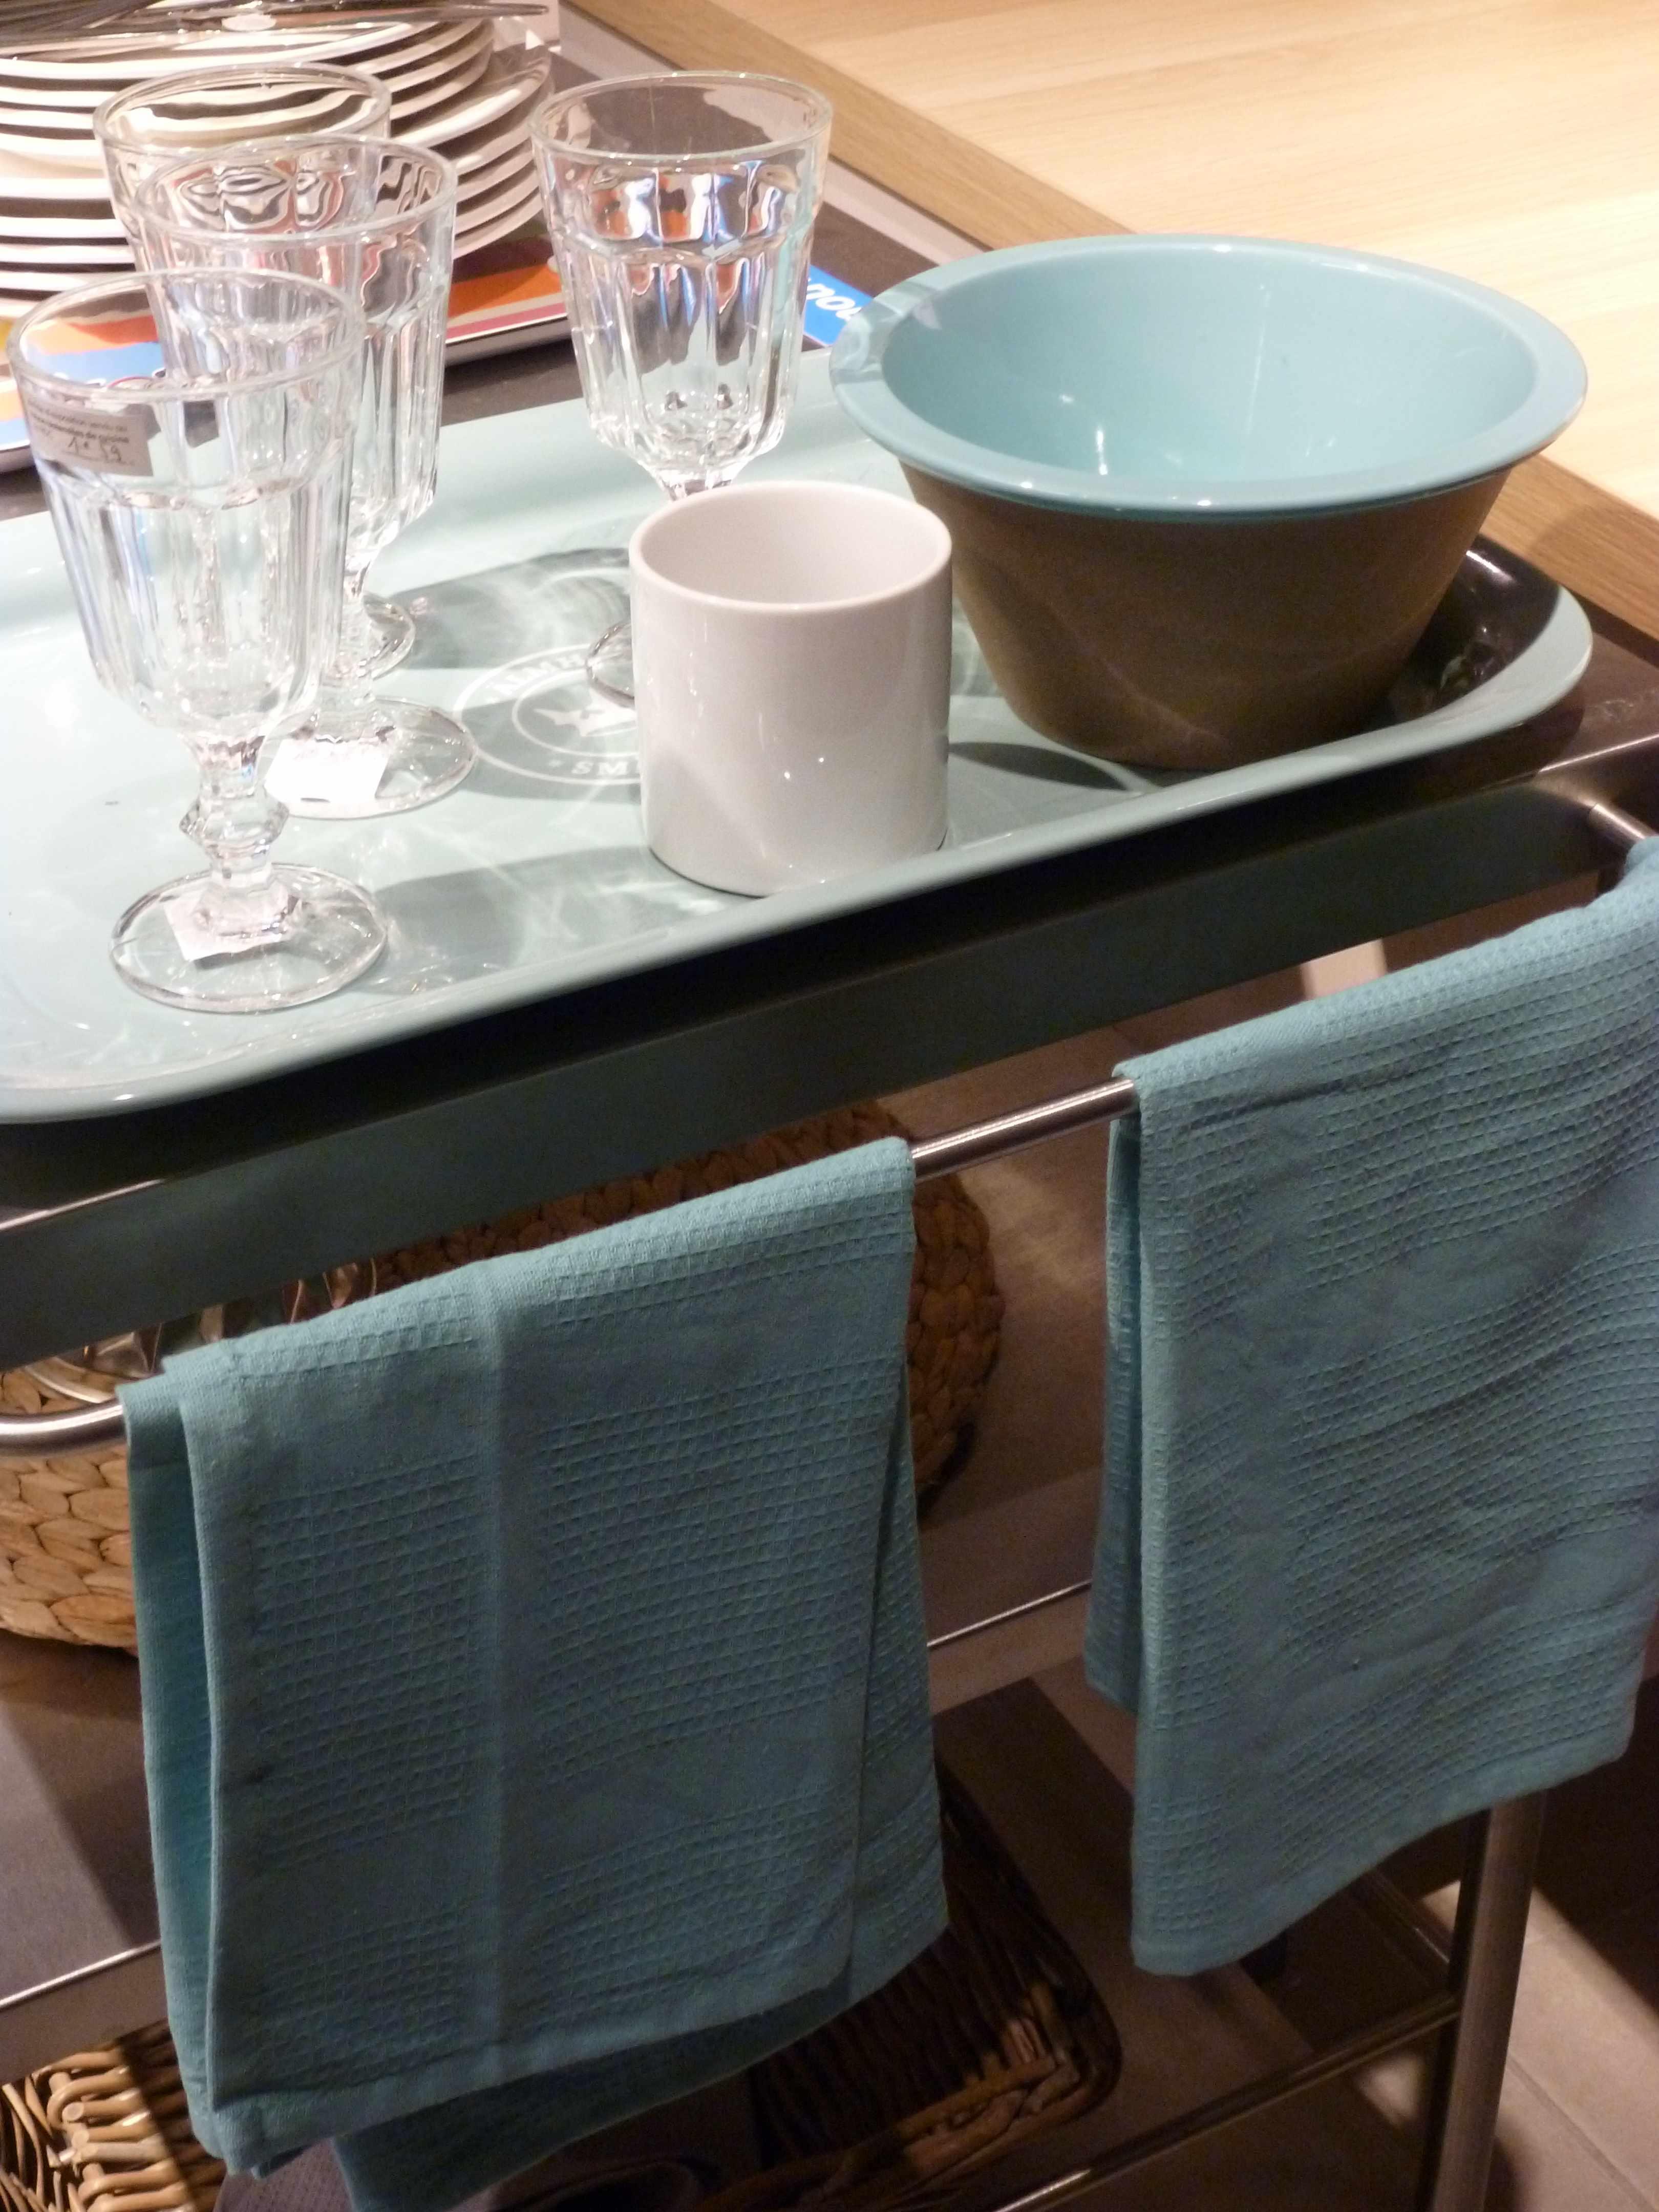 Ikea vaisselle celadon 02-2013